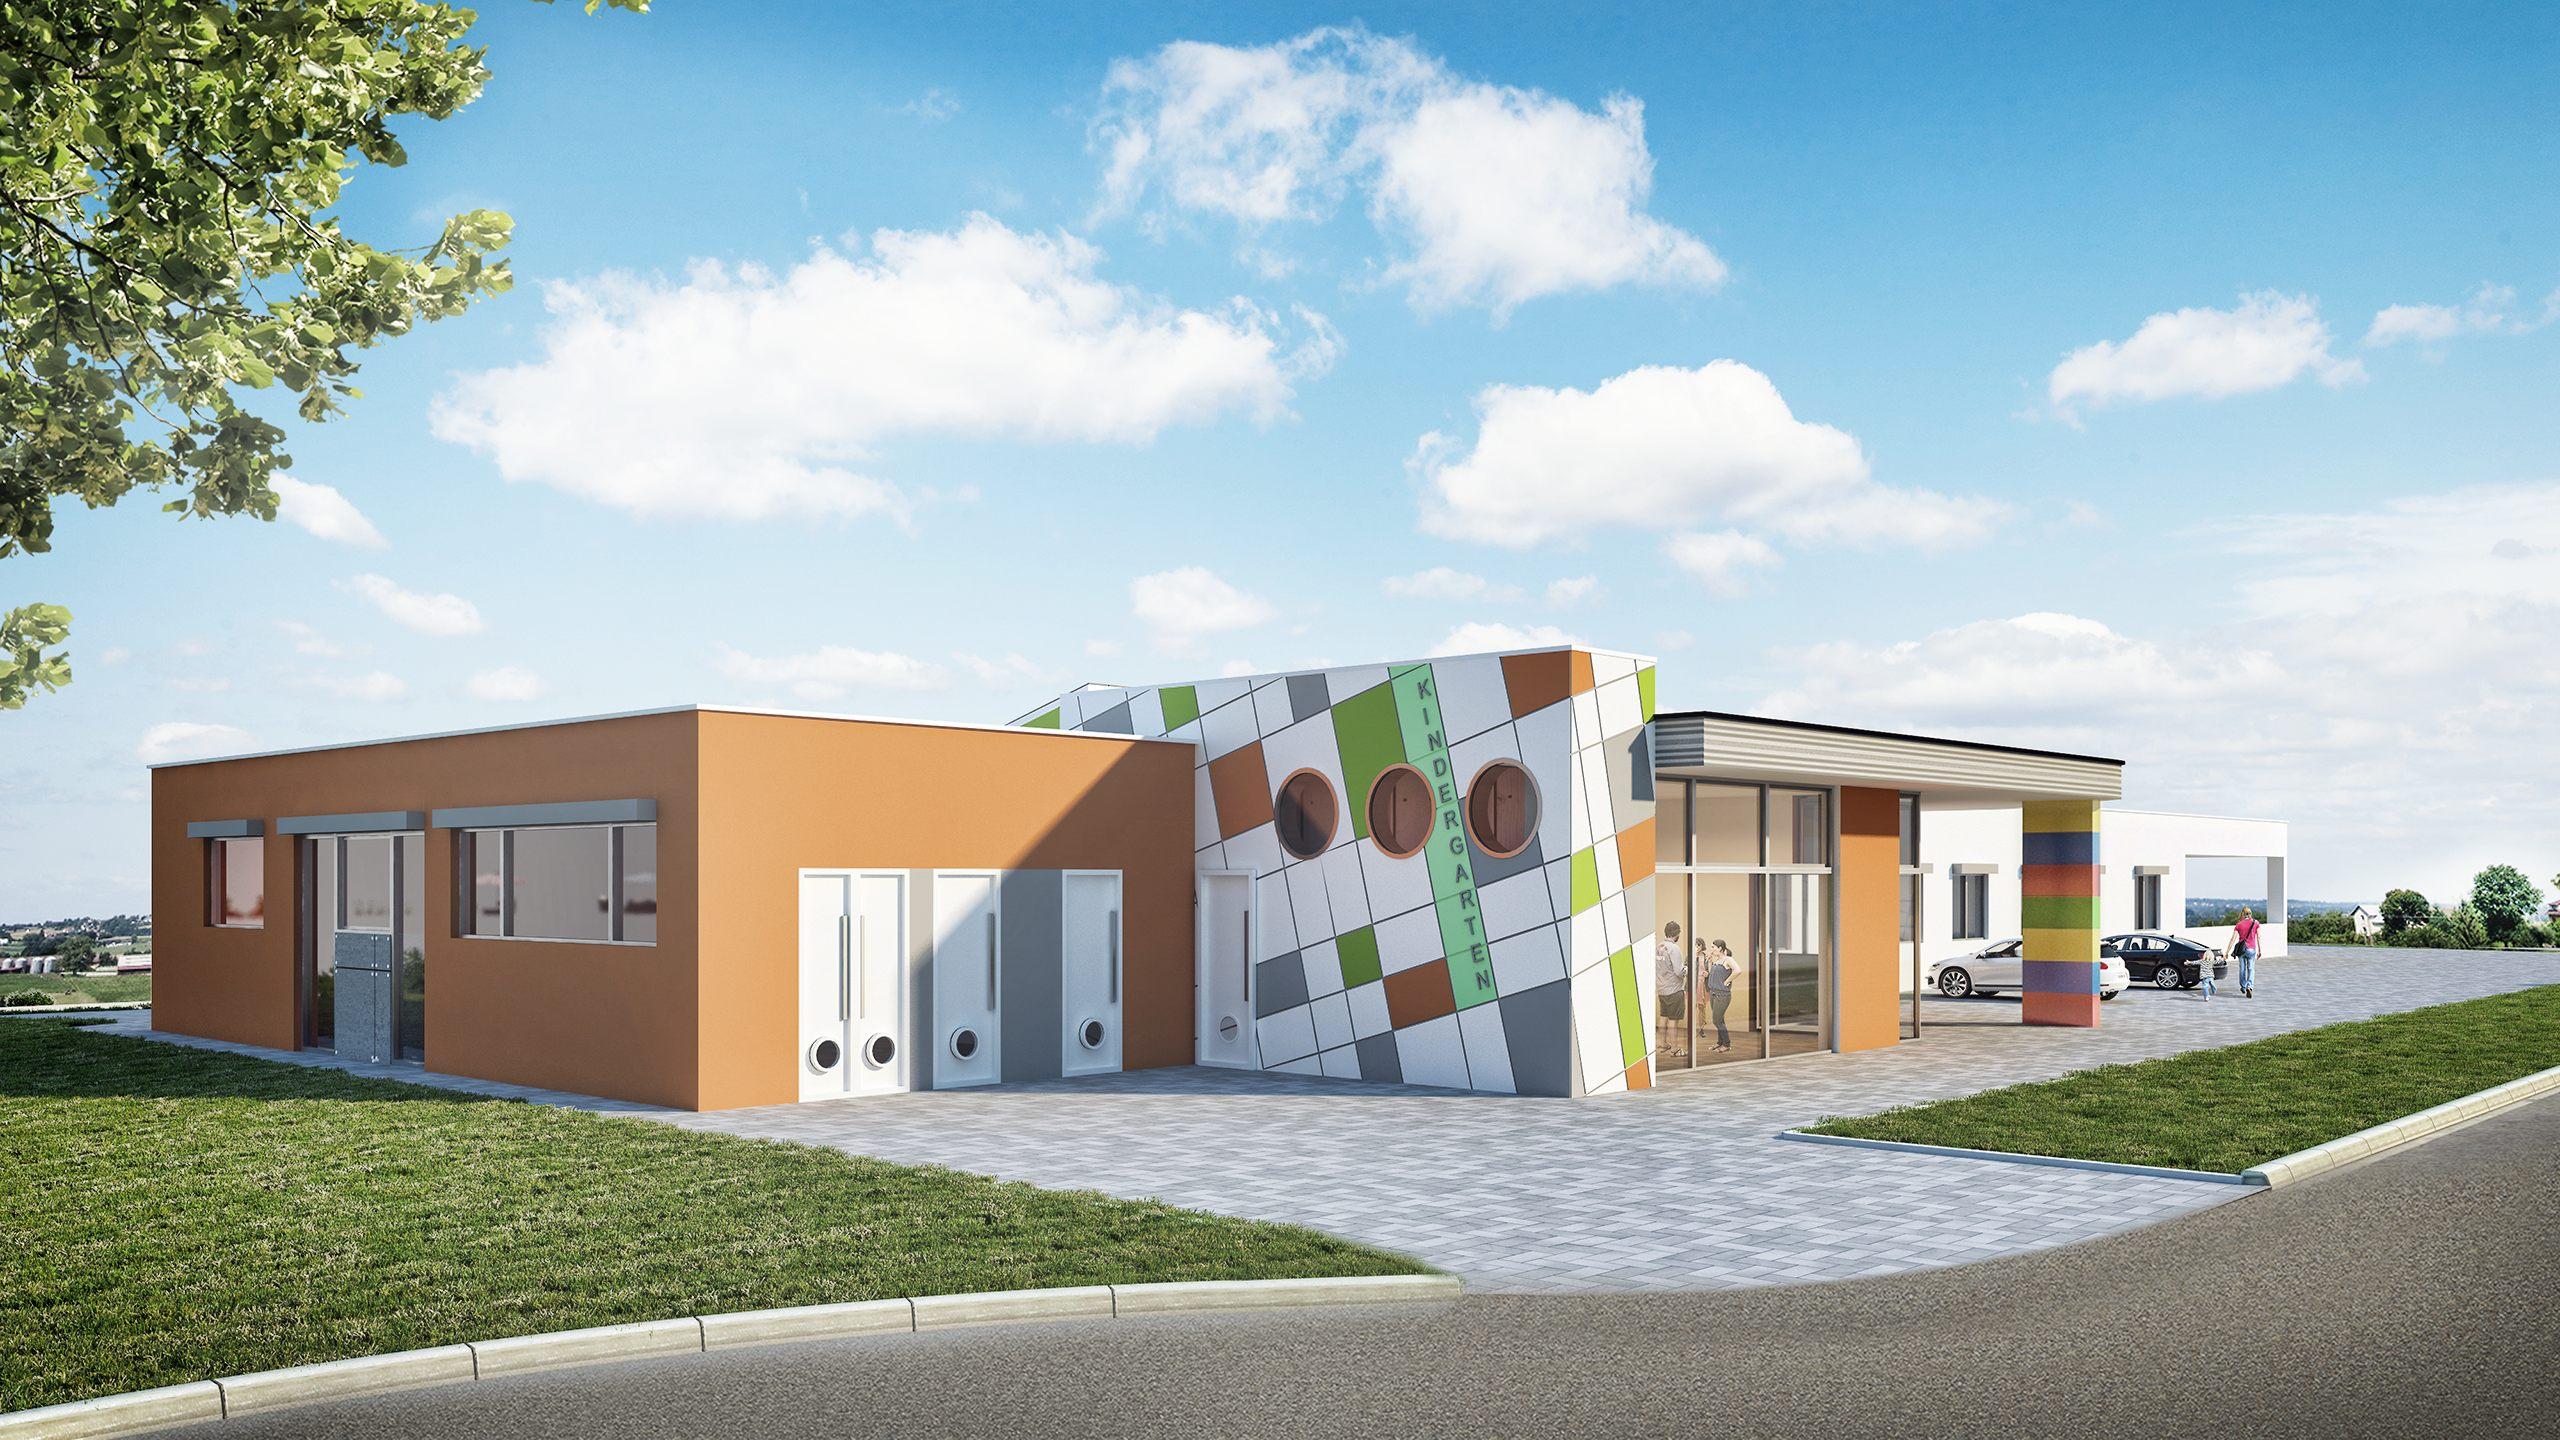 Architekturvisualisierung eines Kindergarten